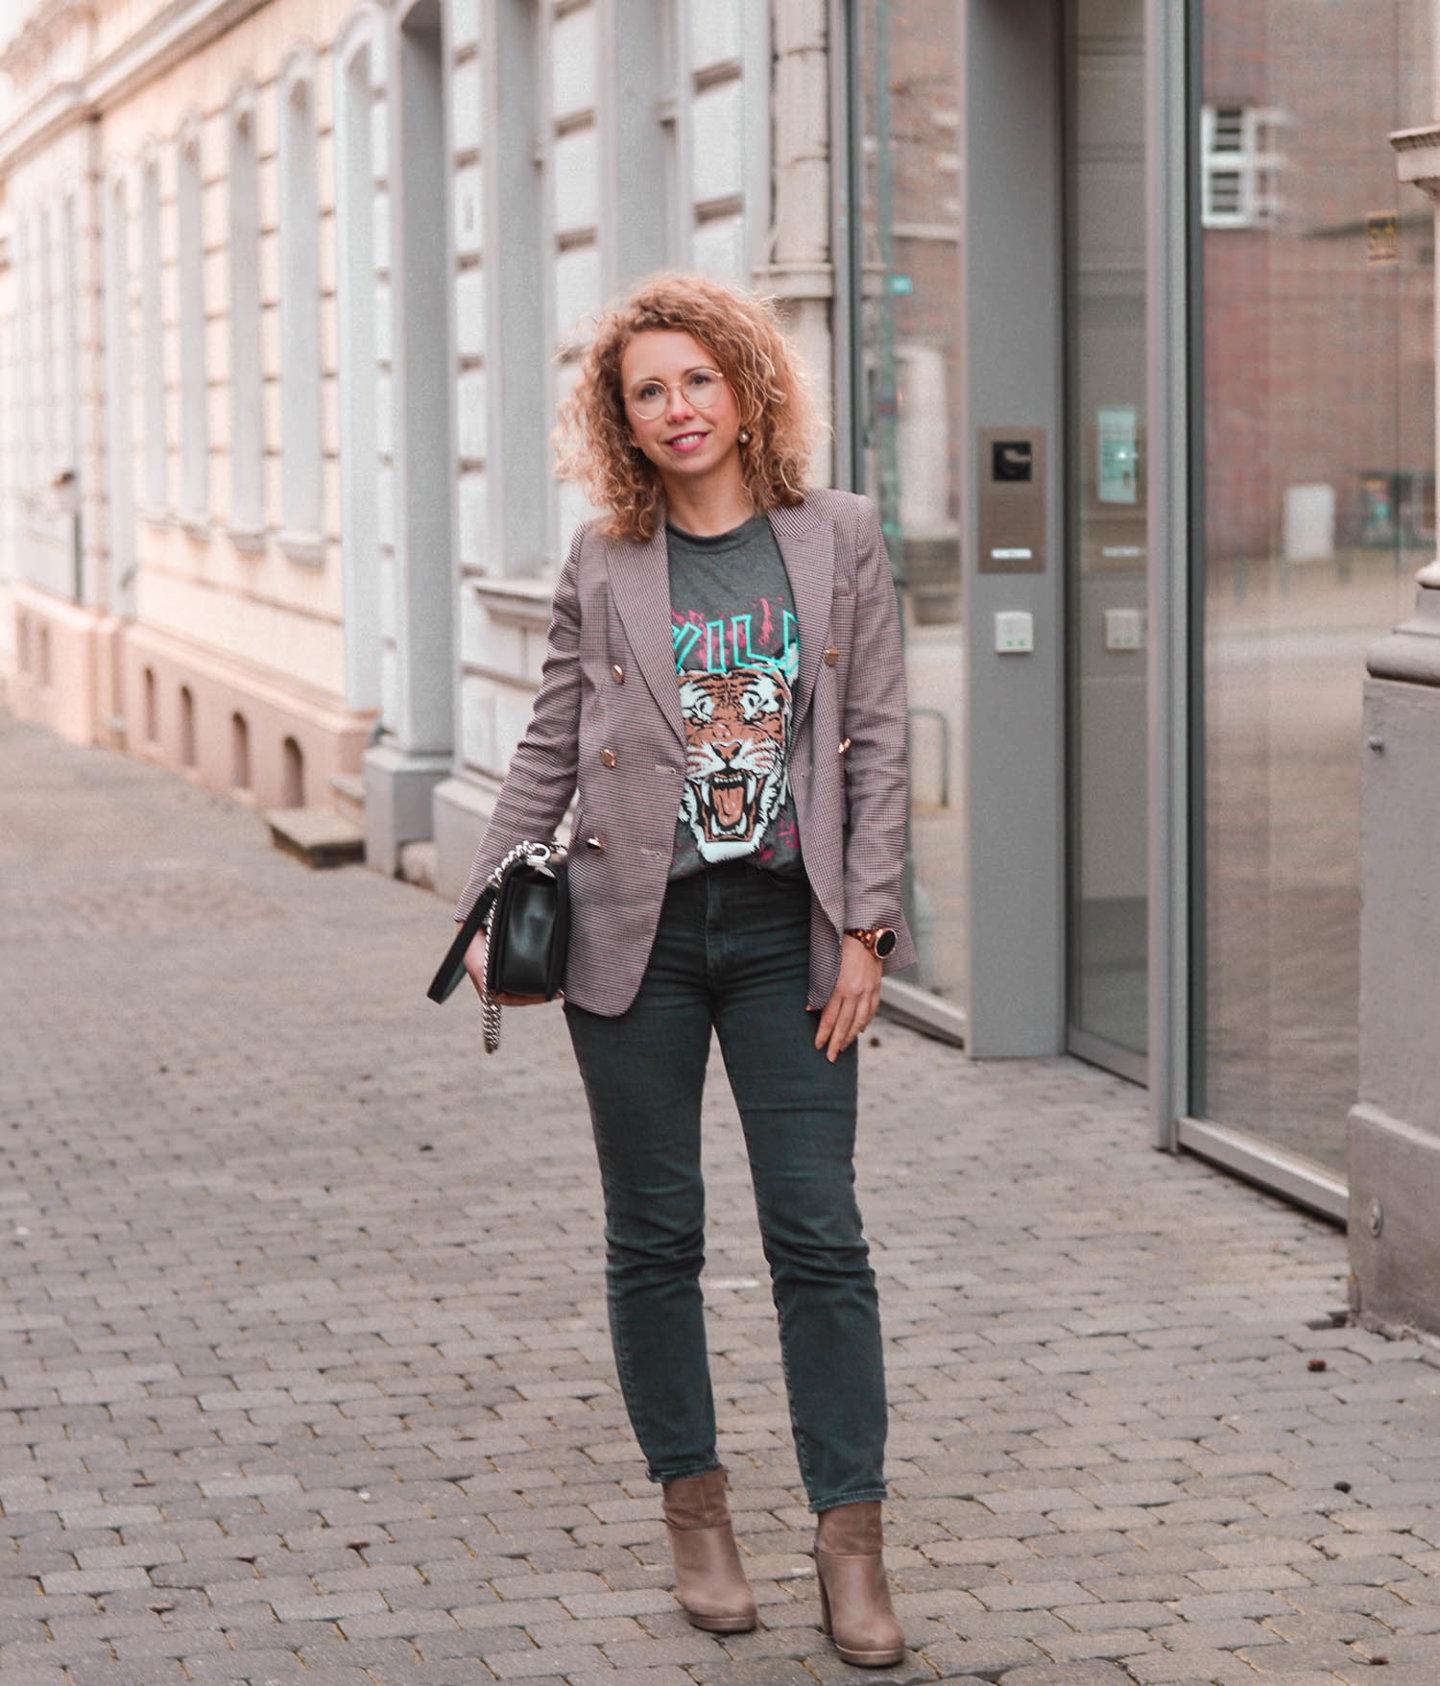 fashion-Trend Rock-Shirt bürotauglich kombinieren